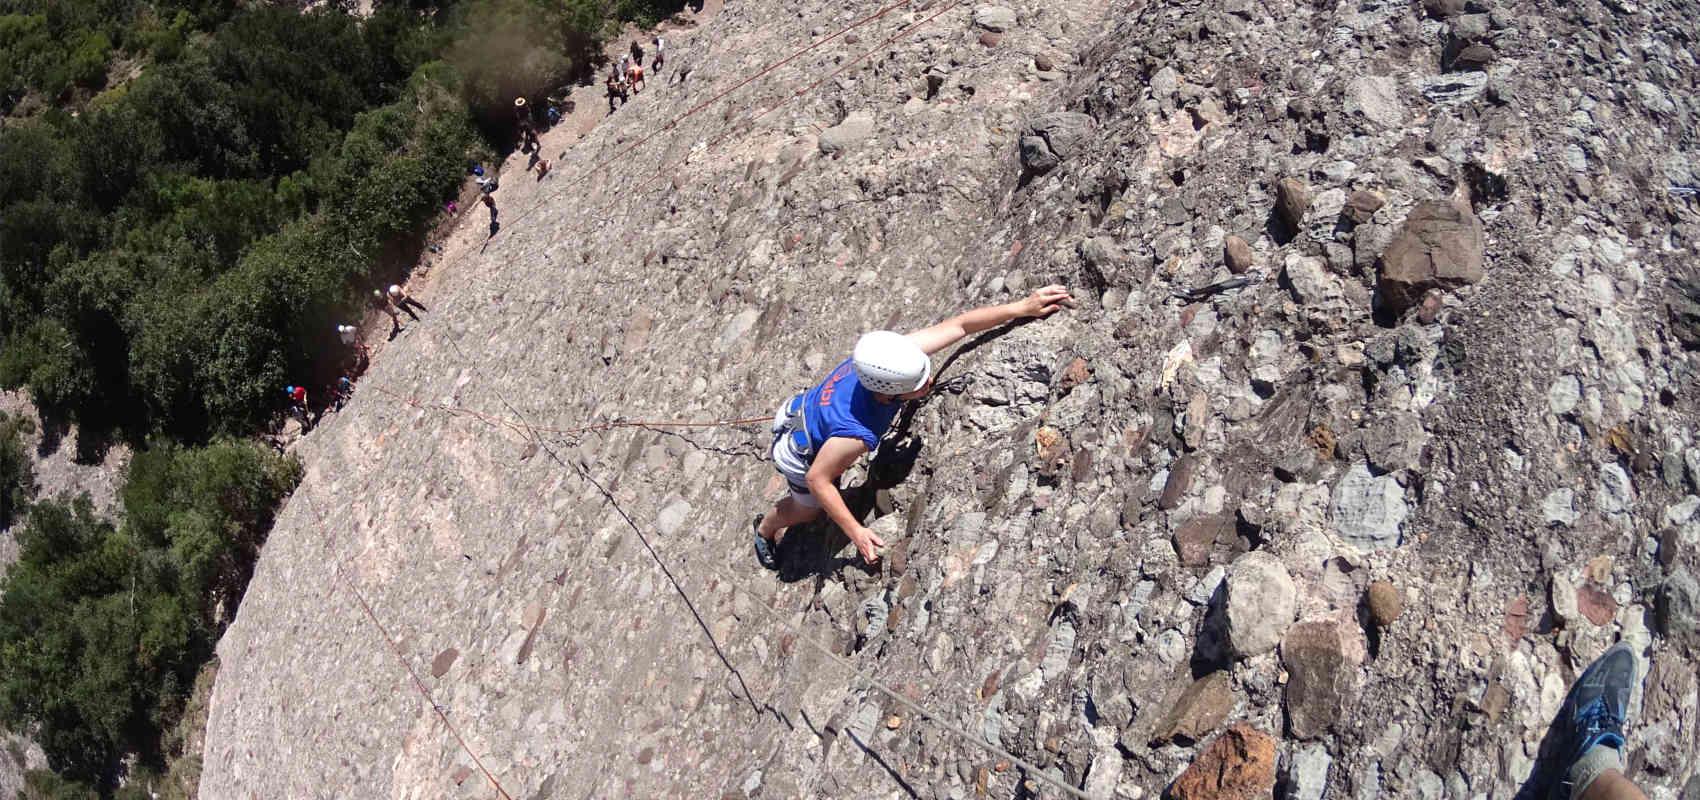 La Posada de los Sentidos, casa rural en la Sierra de Gredos, desde donde podrás tener fácil acceso a actividades tan fascinantes como la escalada en un espacio natural inigualable. Un fin de semana de aventura para recordar.